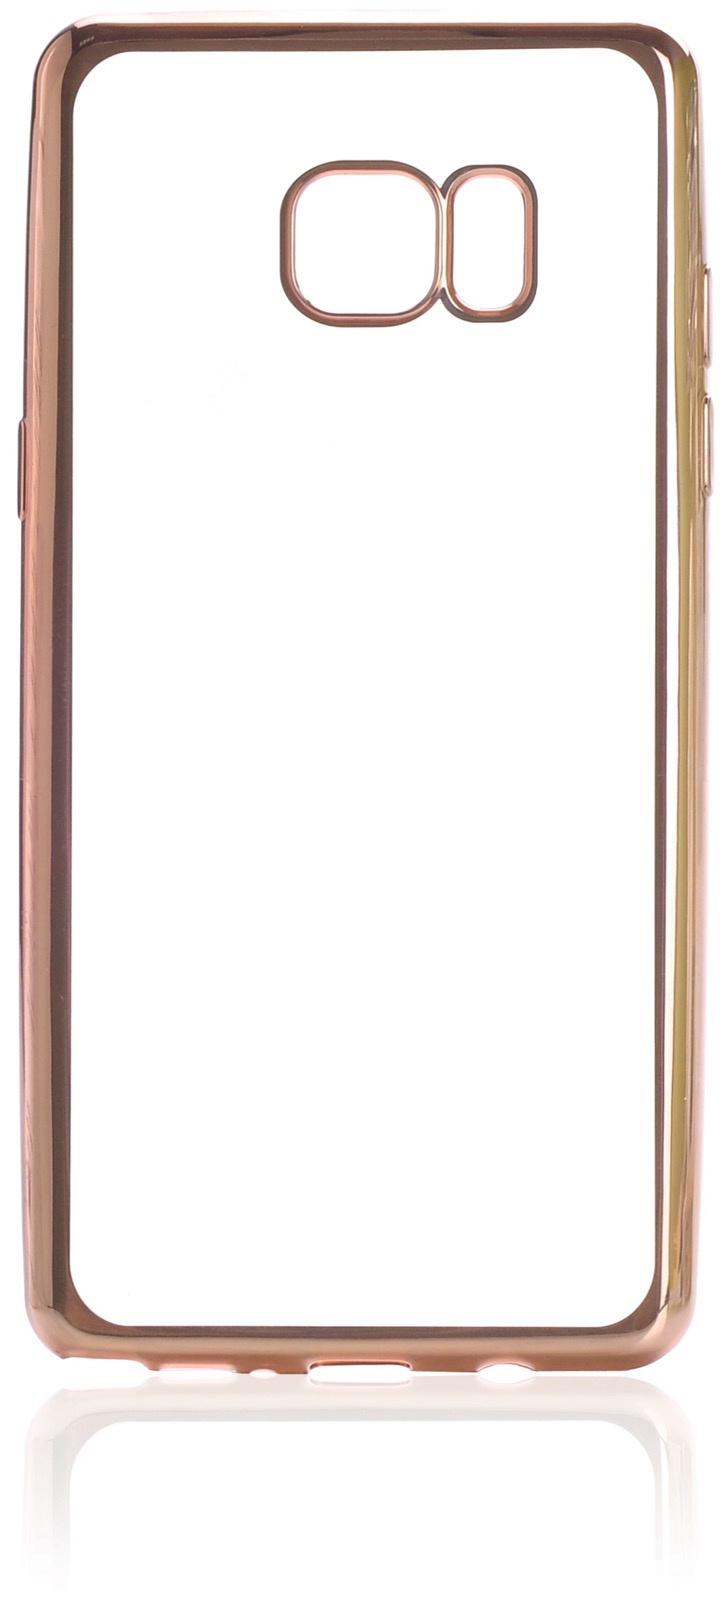 Чехол для сотового телефона iNeez накладка силикон с рамкой gold для Samsung Galaxy Note 7, прозрачный